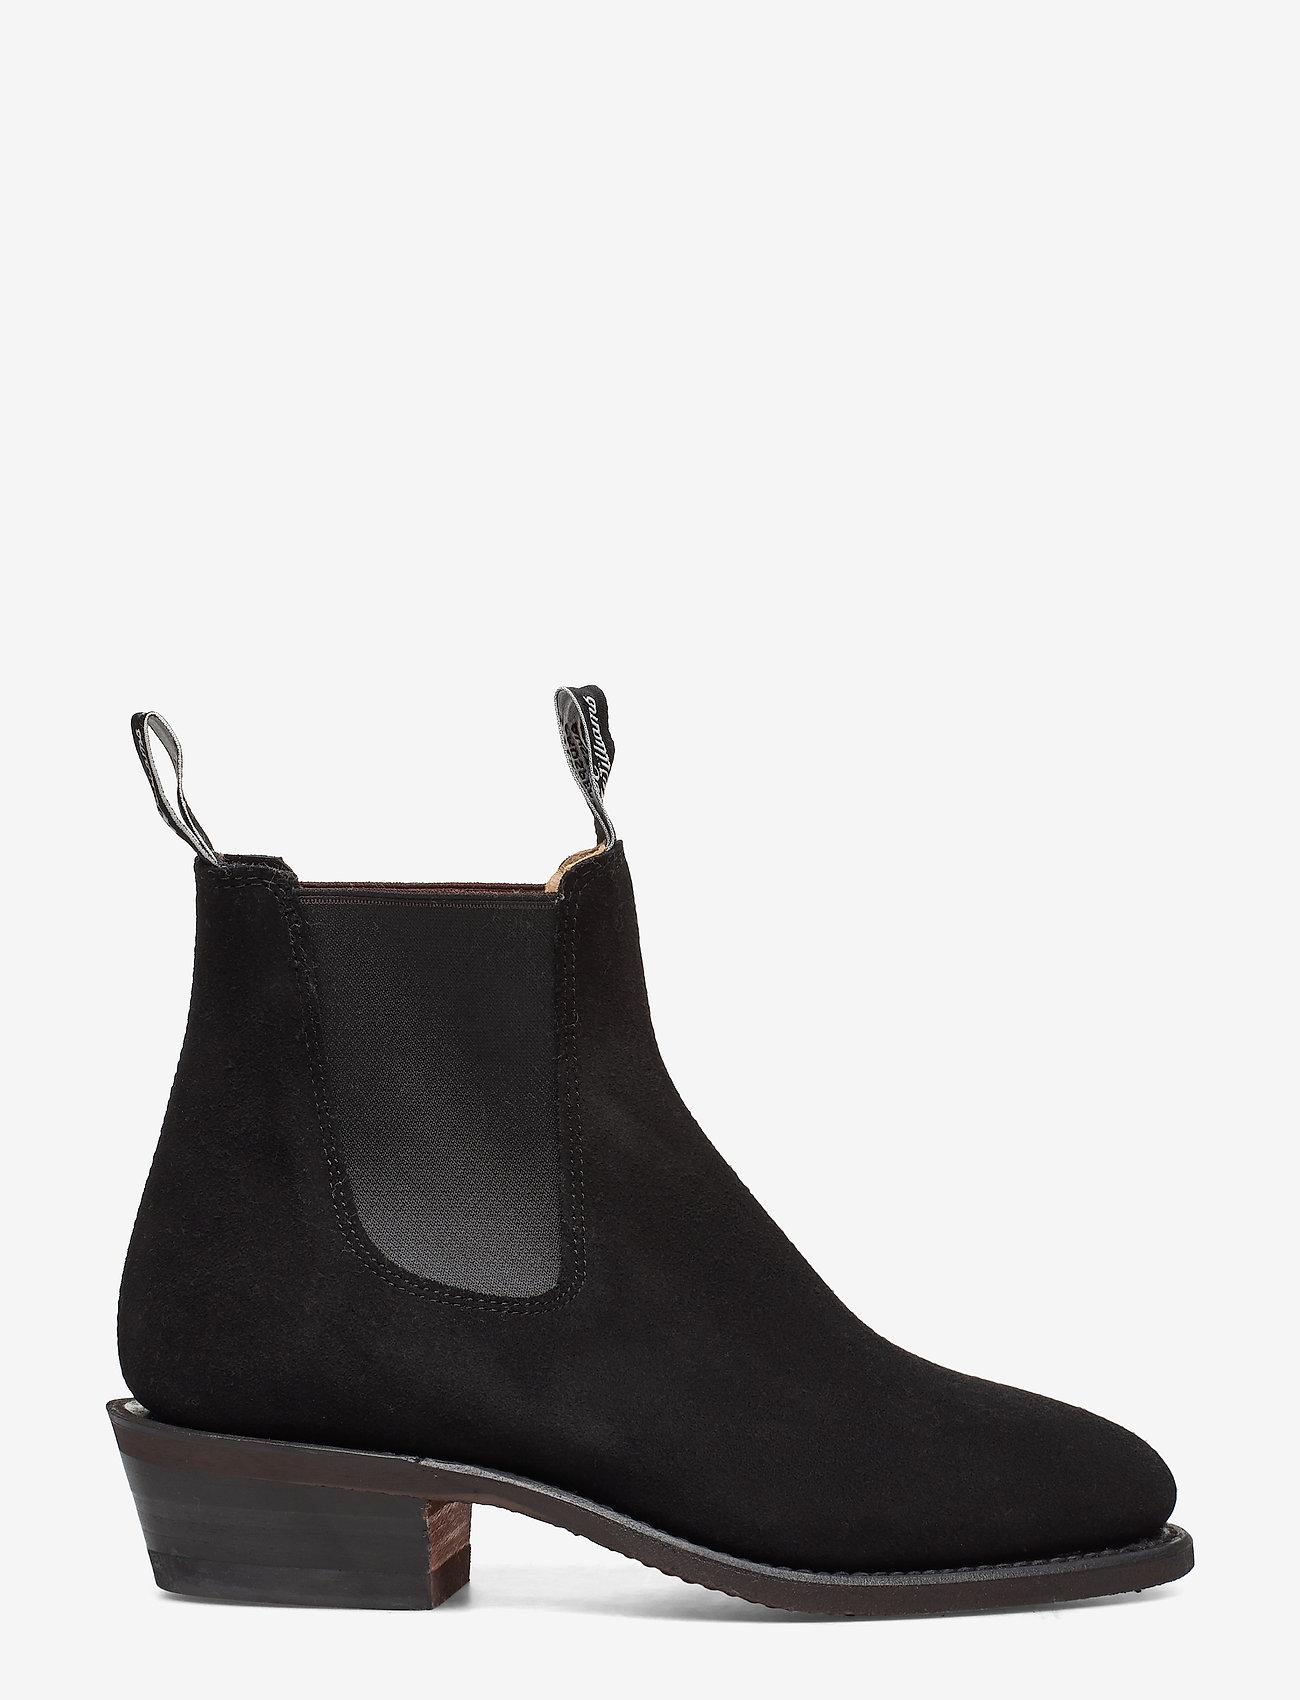 R.M. Williams - The Yearling G - ankelstøvler med hæl - black - 1